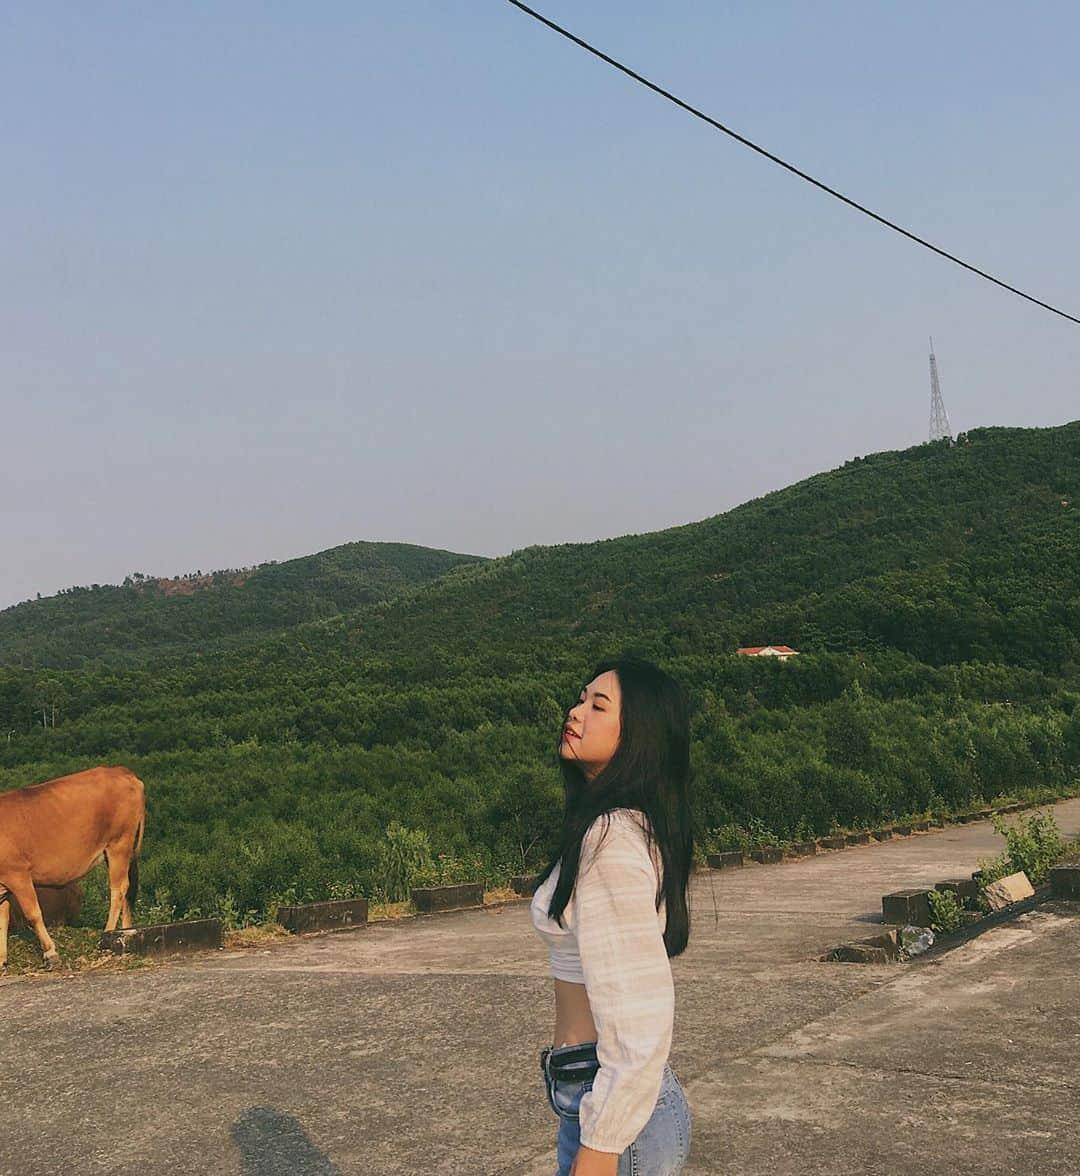 Phong cảnh xanh rì tại hồ Đồng Xanh Đồng Nghệ. Hình: @klinh_renee